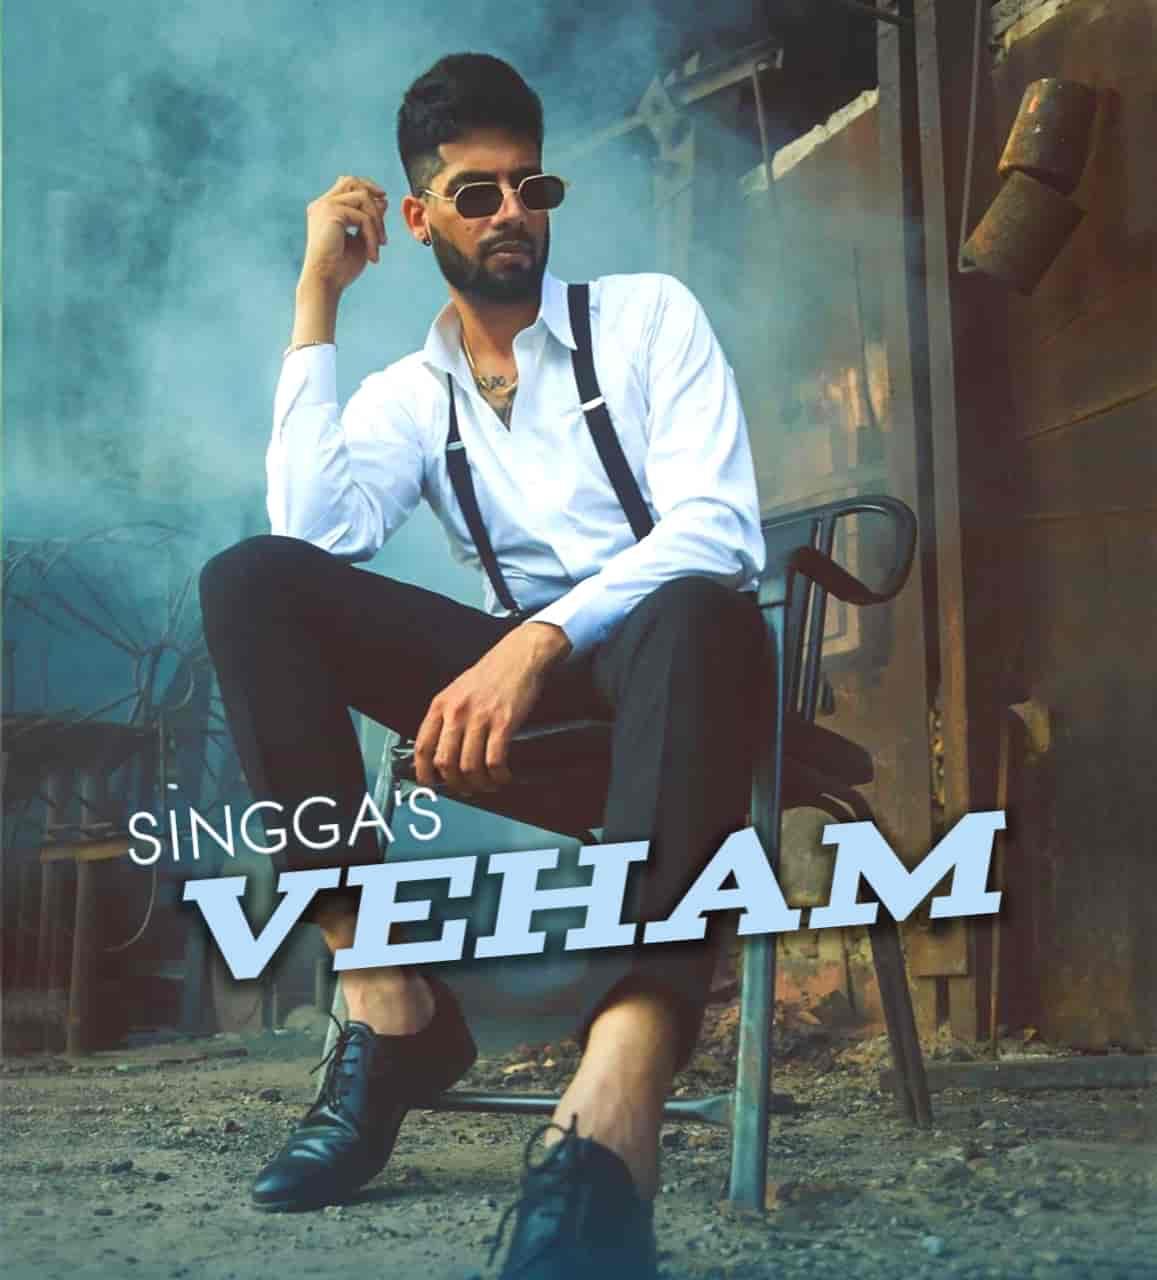 Veham Punjabi Song Image Features Singga